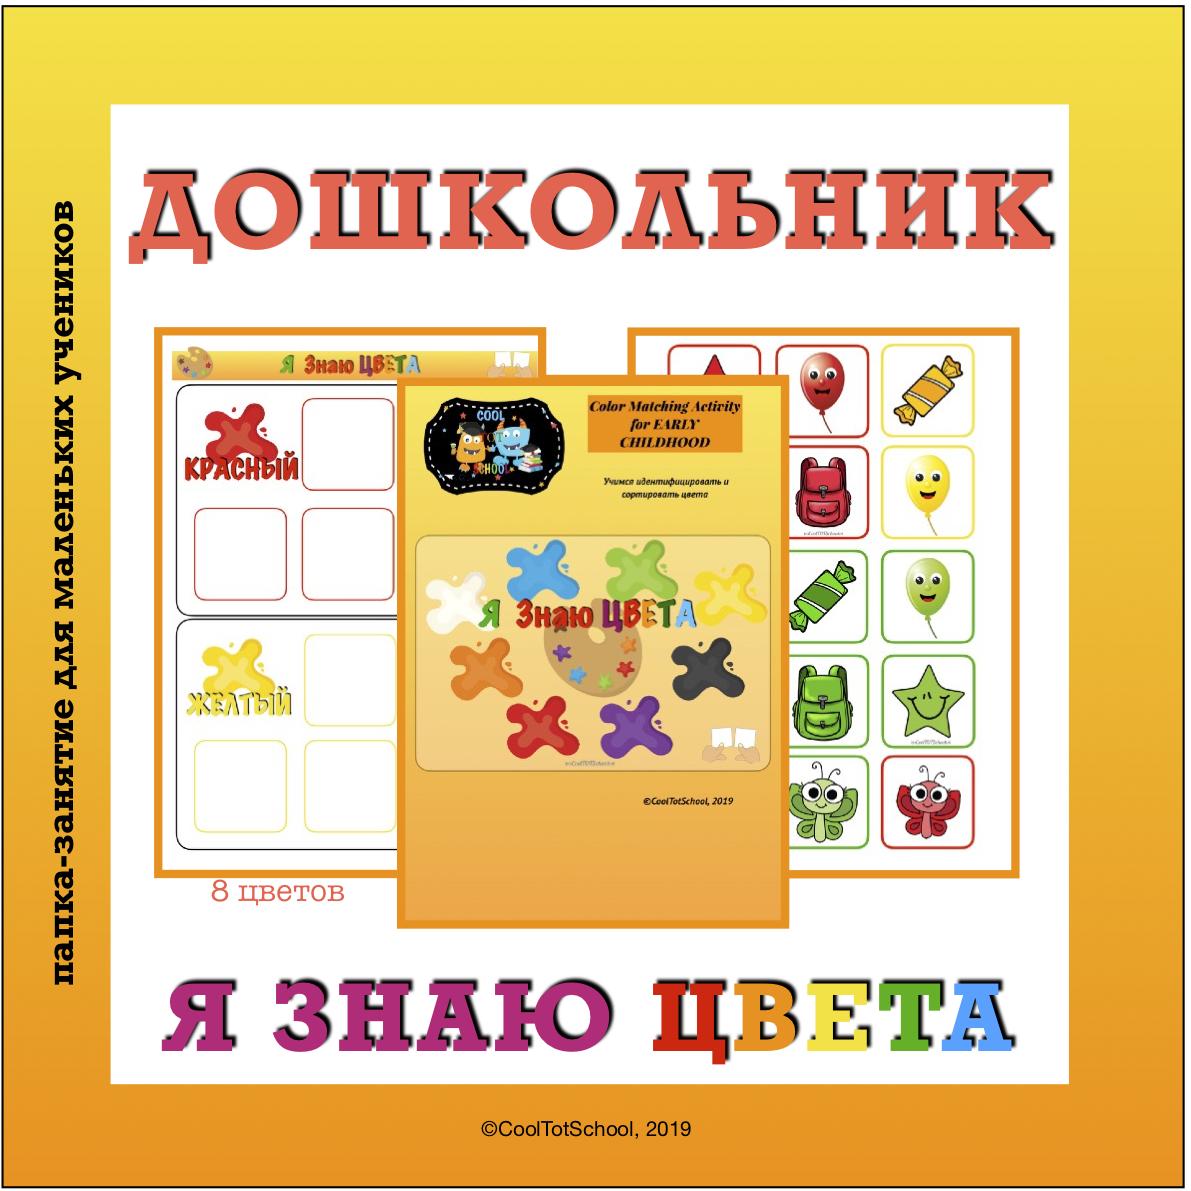 file-folder-color-sorting-game-russian